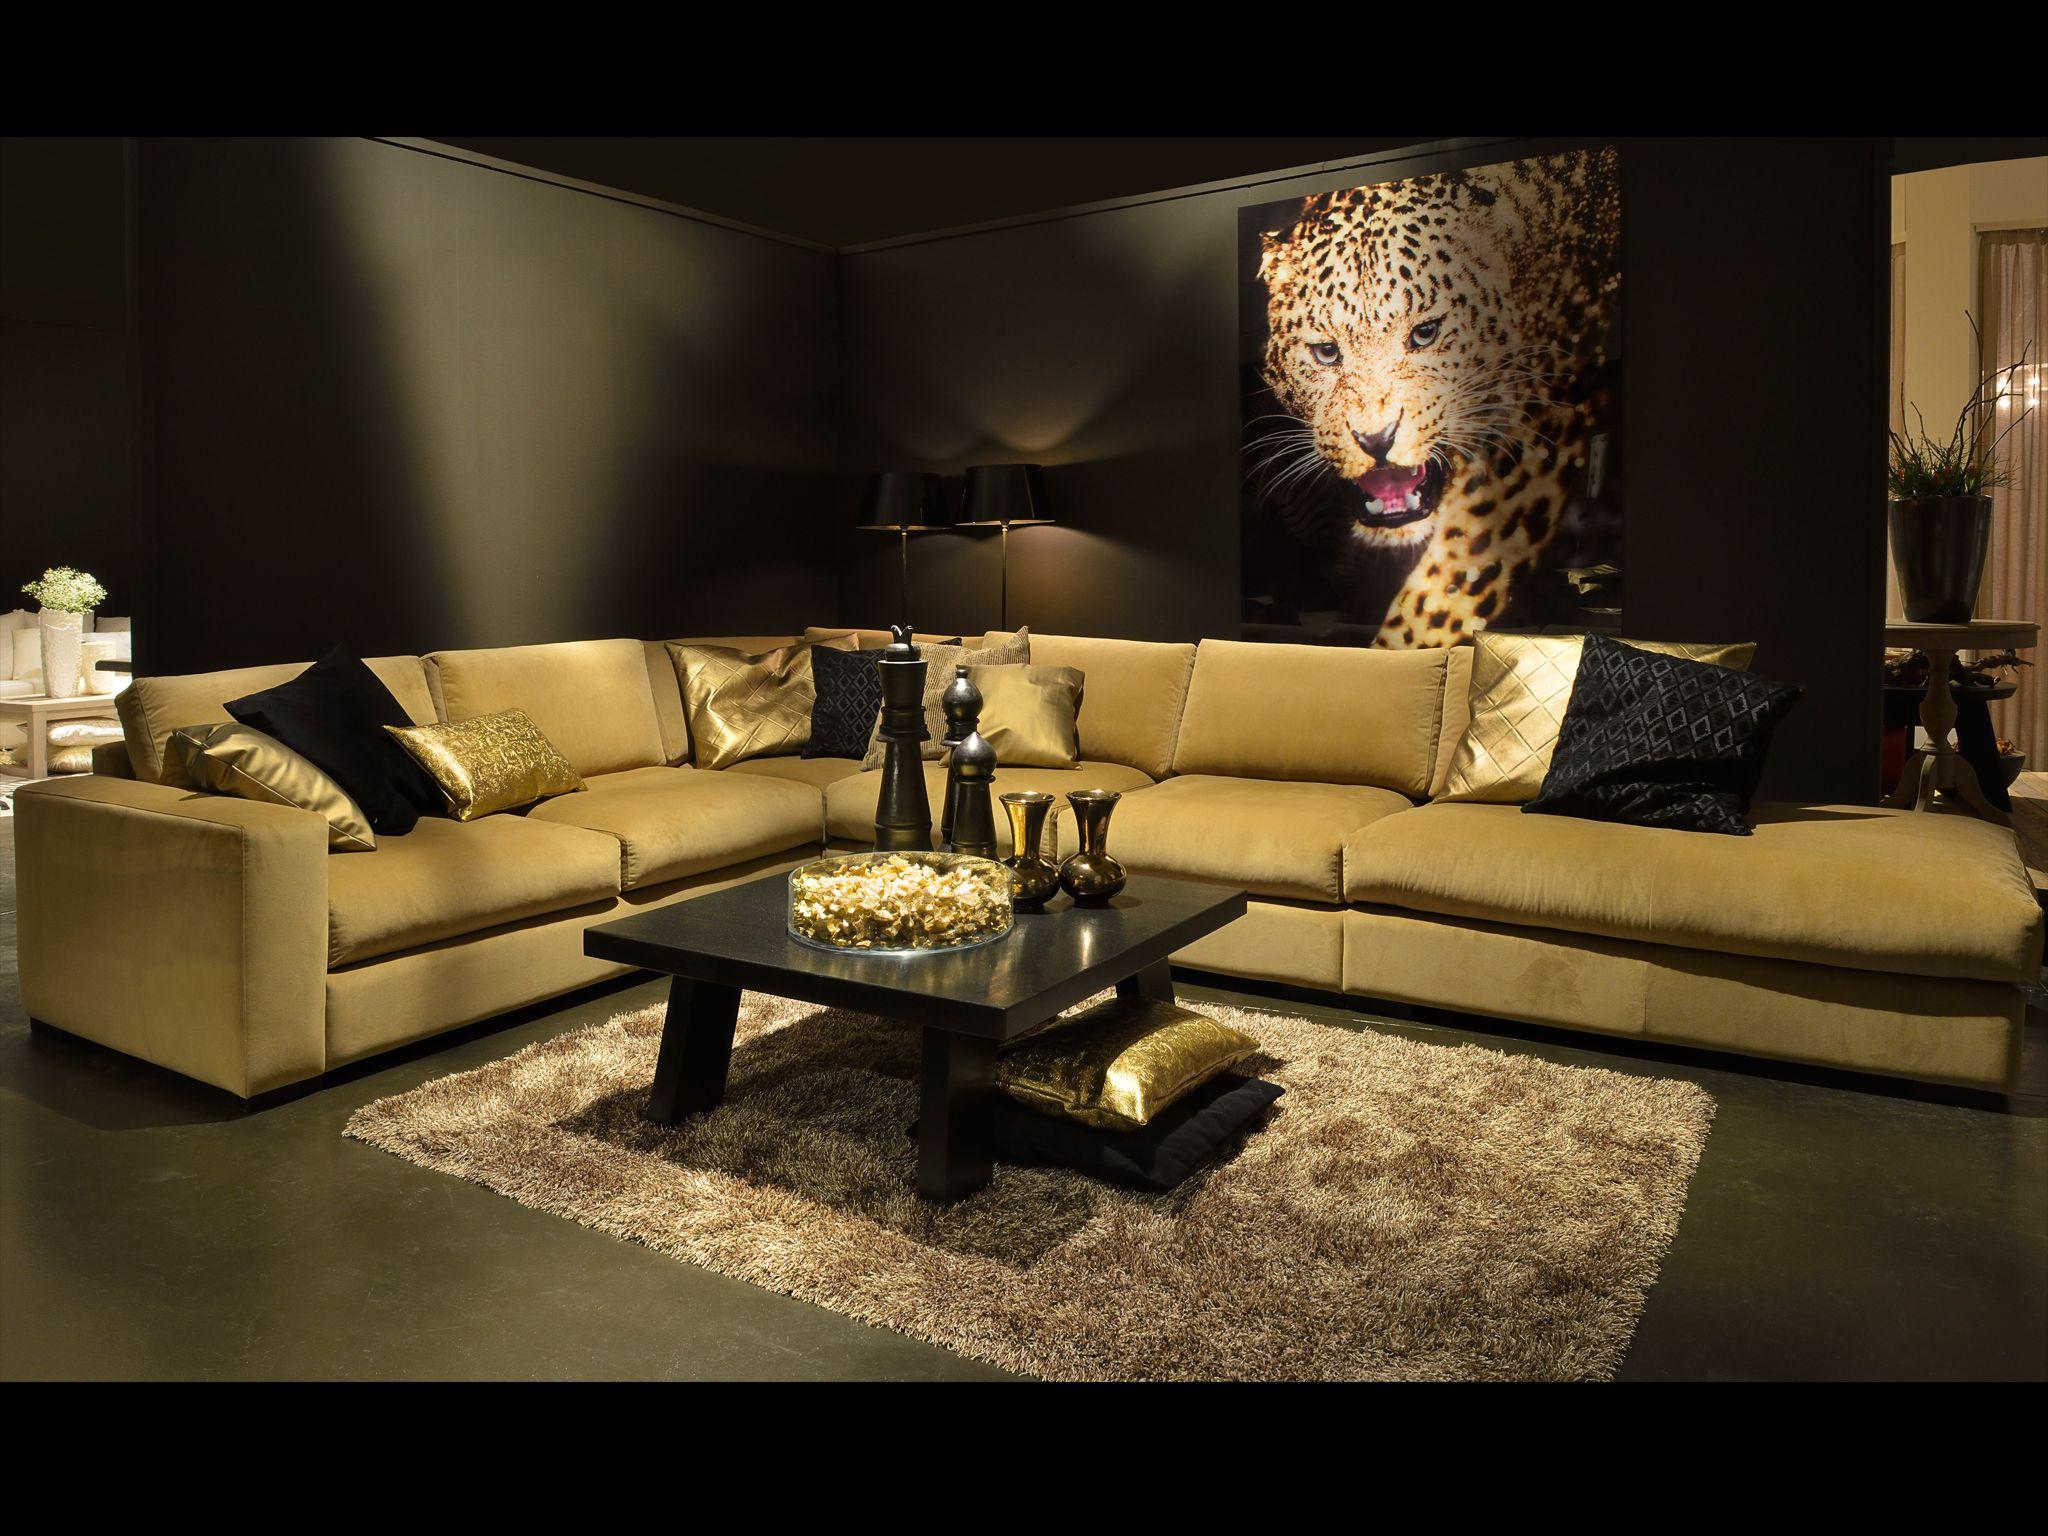 Complete woonkamer met bankstel 100 images ideeen inkoop verkoop opkoper inkoper meubels - Woonkamer met hoekbank ...